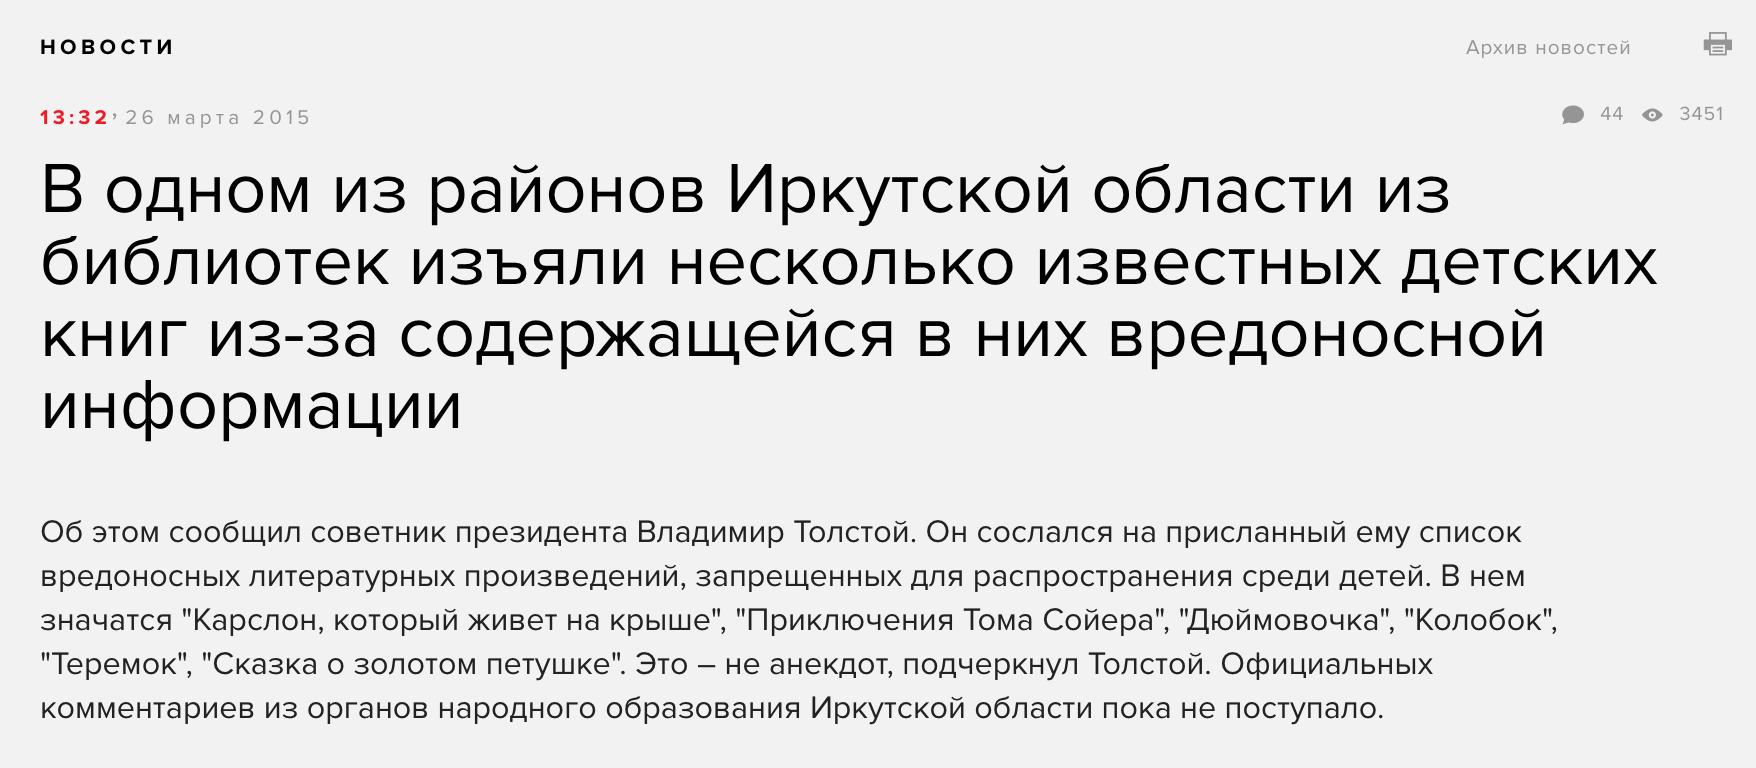 Авиаперевозчик Wizz Air ушел из Украины из-за низкой коммерческой привлекательности, - Госавиаслужба - Цензор.НЕТ 7434